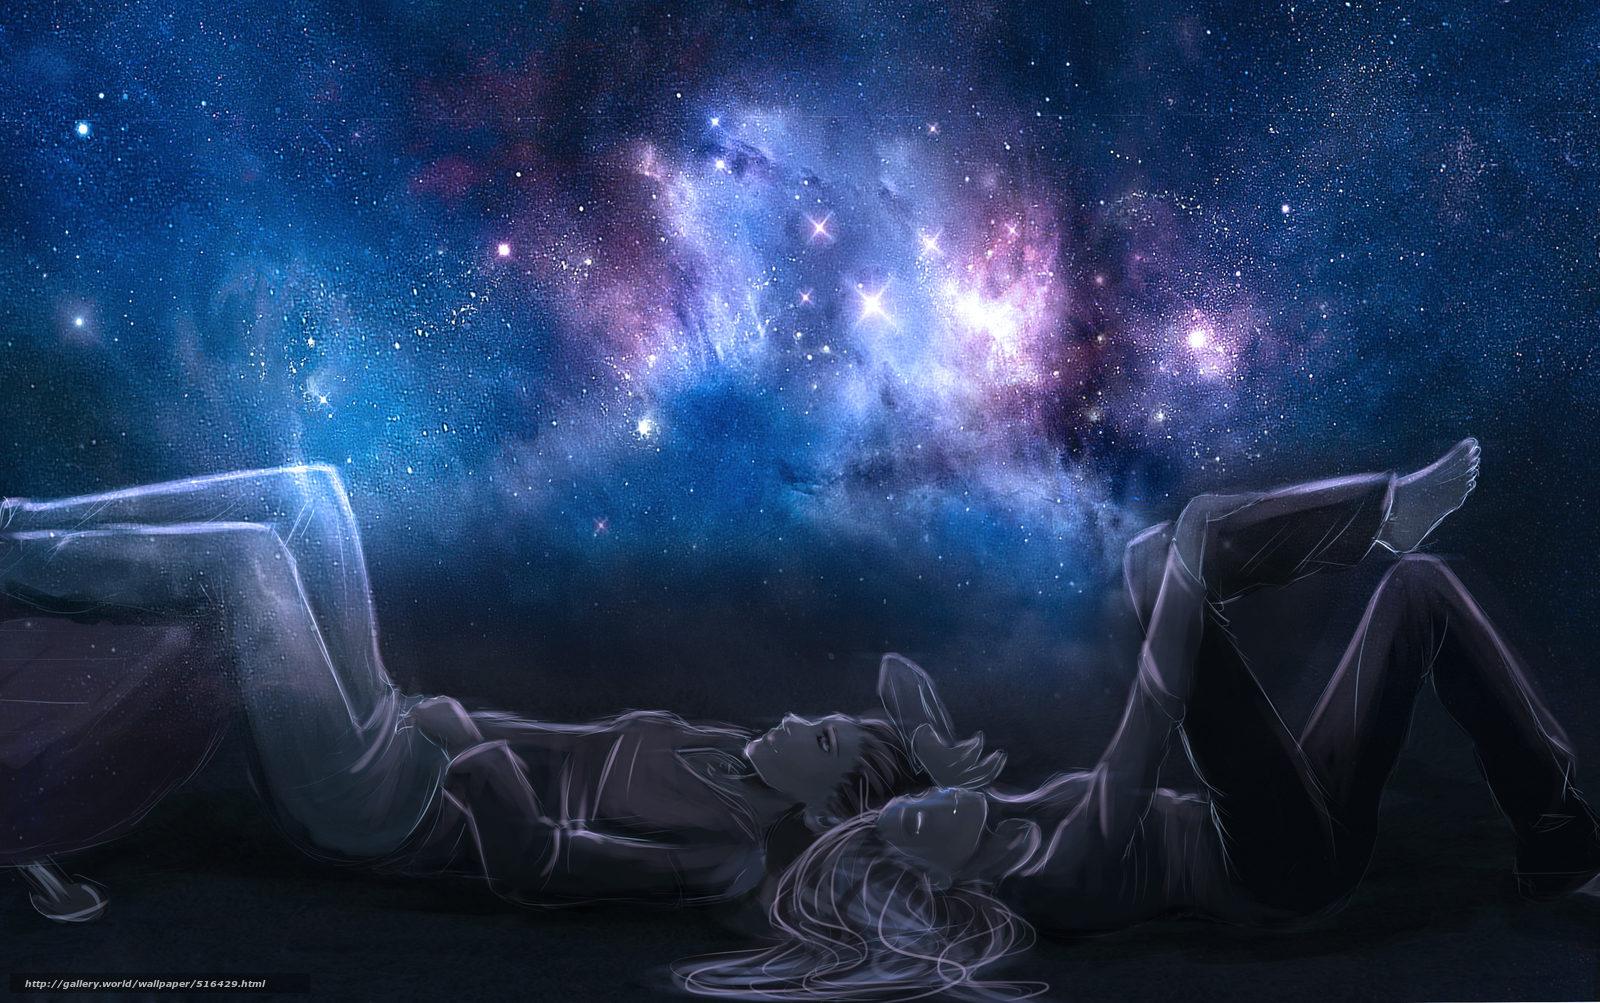 Если во сне, запрокинув голову, смотреть в небо — это предвестие богатства и знатности; если небо проясняется после дождя — это знак того, что пройдут все печали и заботы.